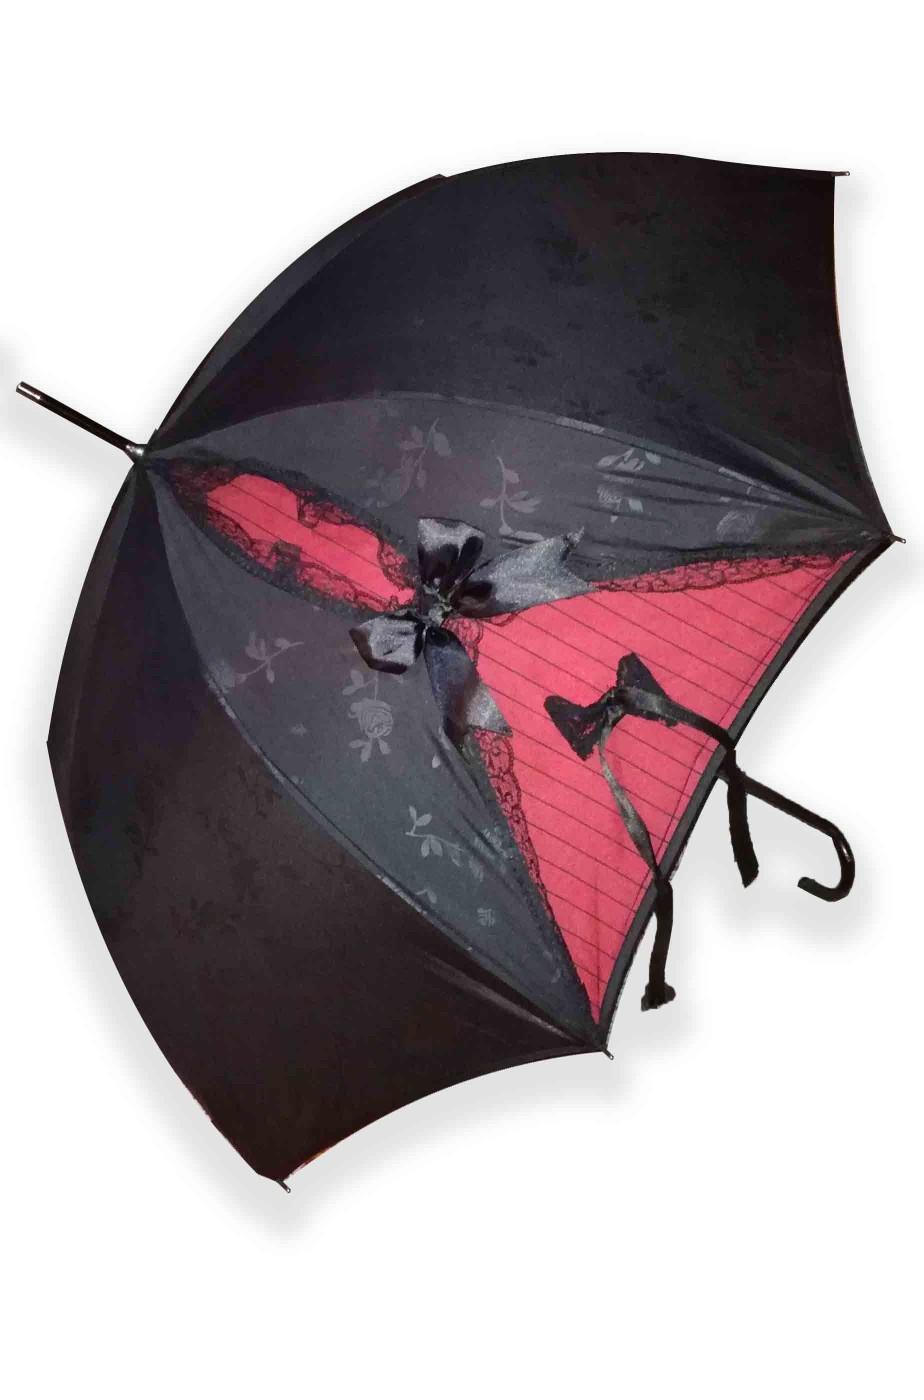 Ombrello parasole gotico dark nero e rosso sangue con rose